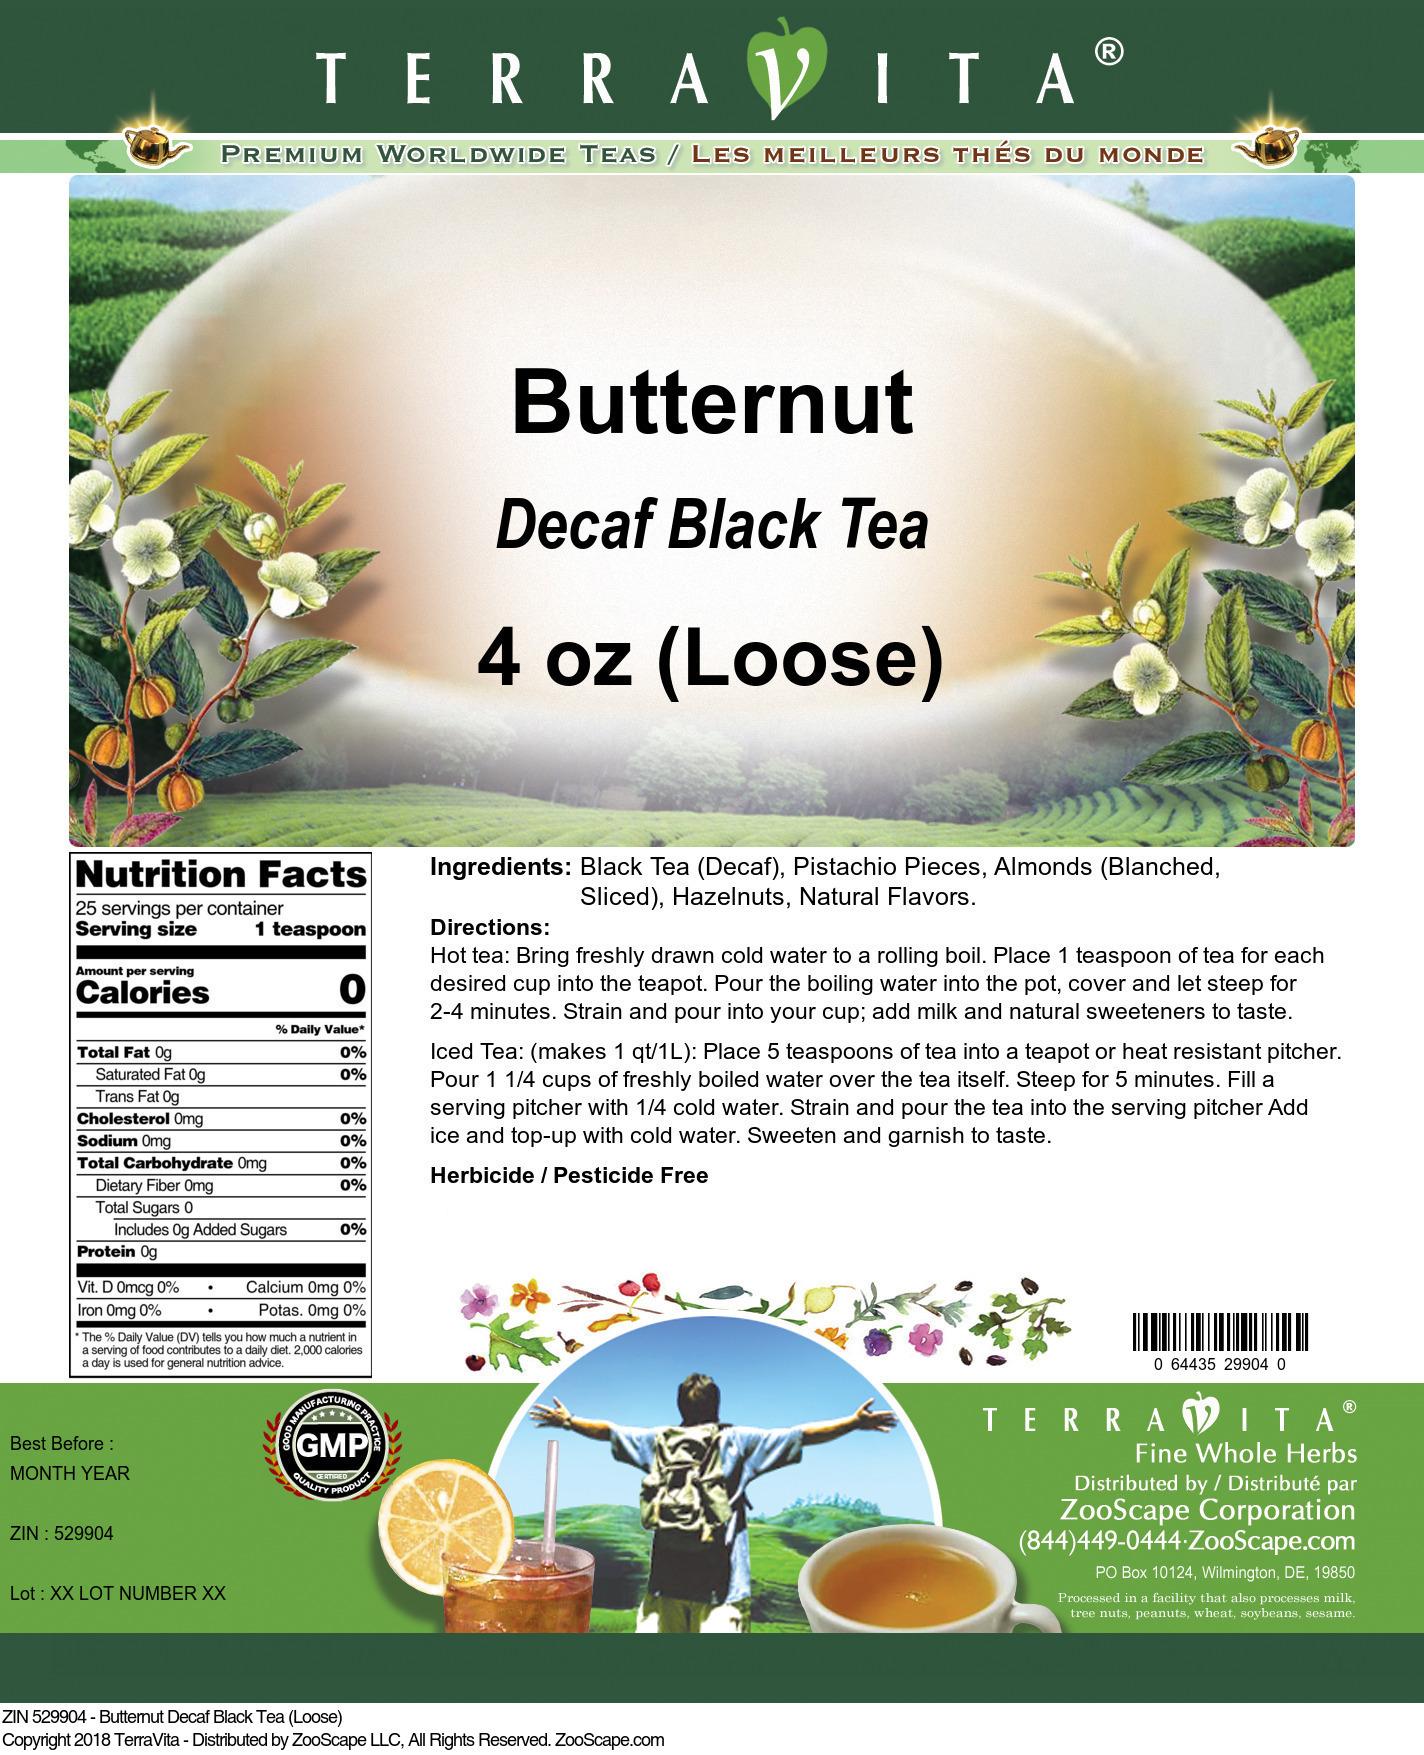 Butternut Decaf Black Tea